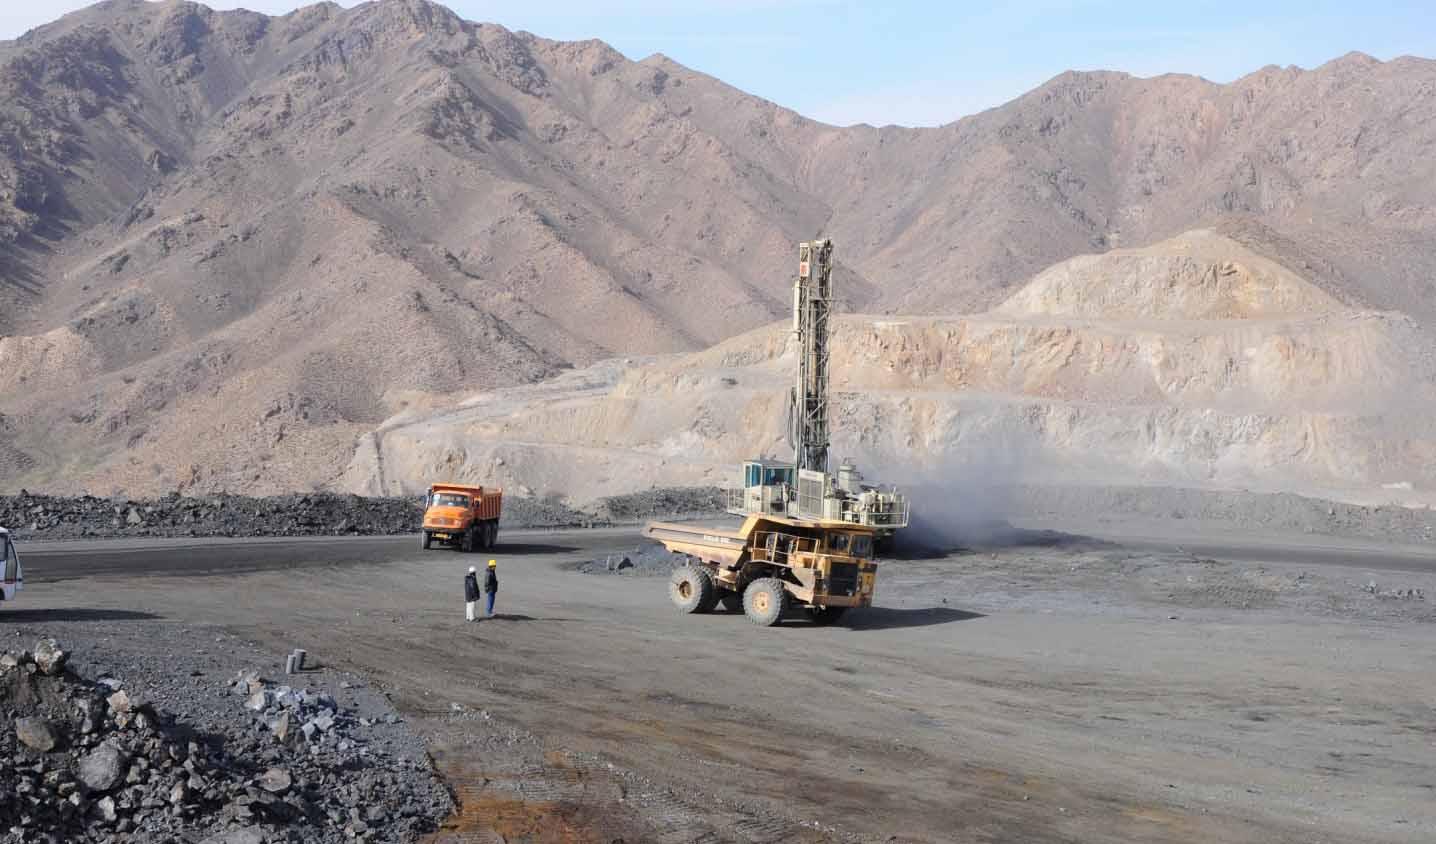 صادرات سنگ آهن با وجود نیاز داخلی/ لزوم تقویت صنایع معدنی